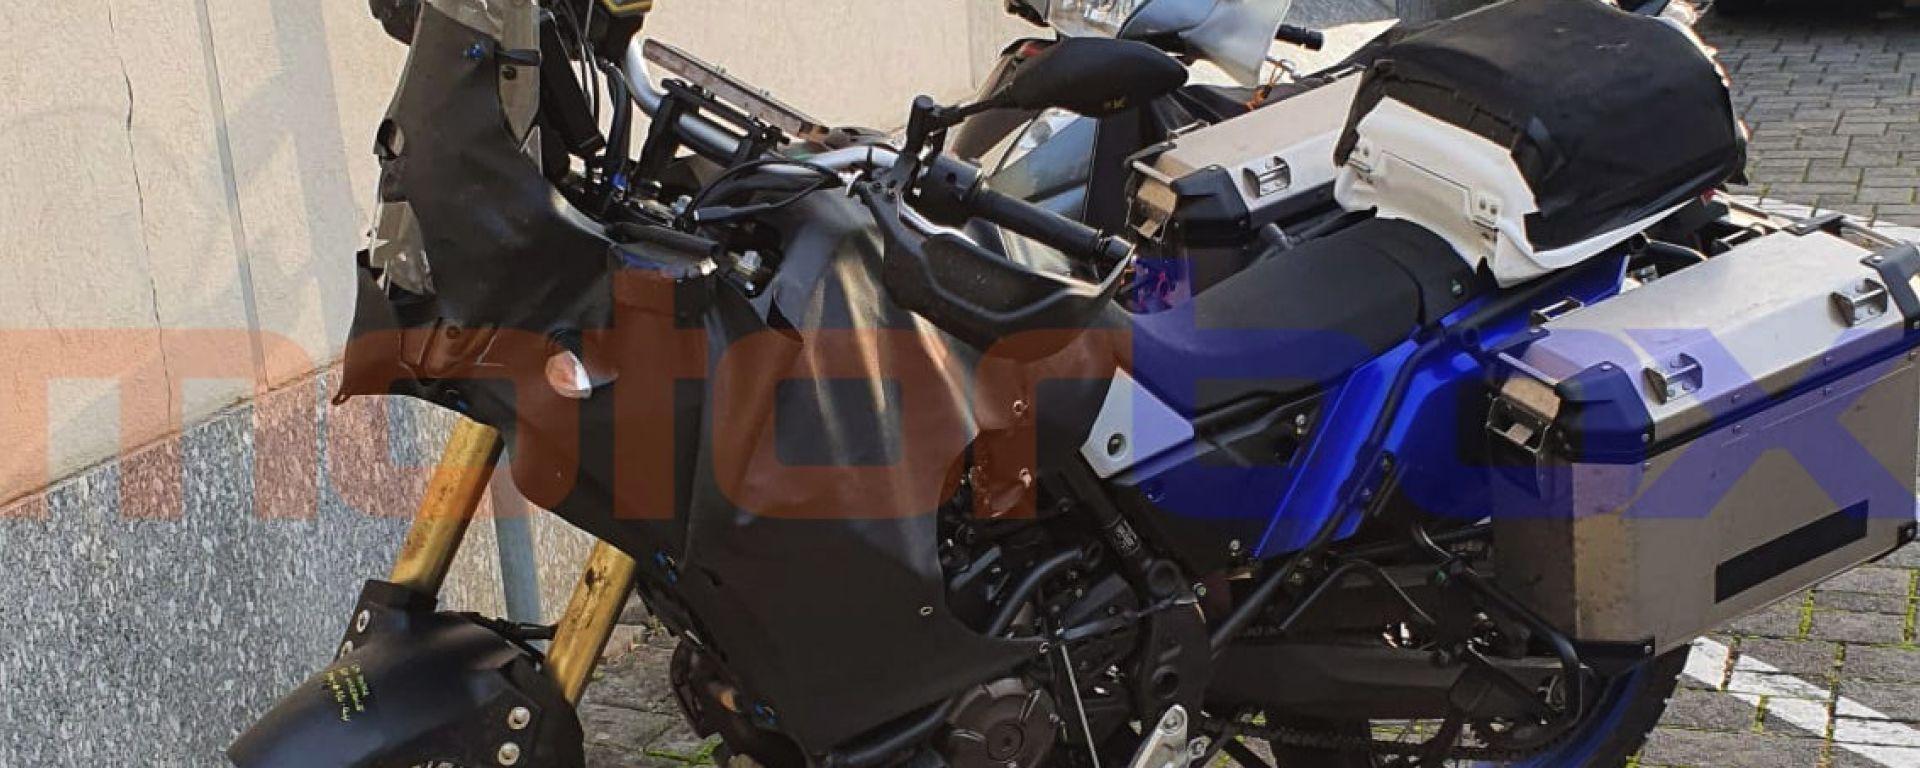 La Yamaha Ténéré 700